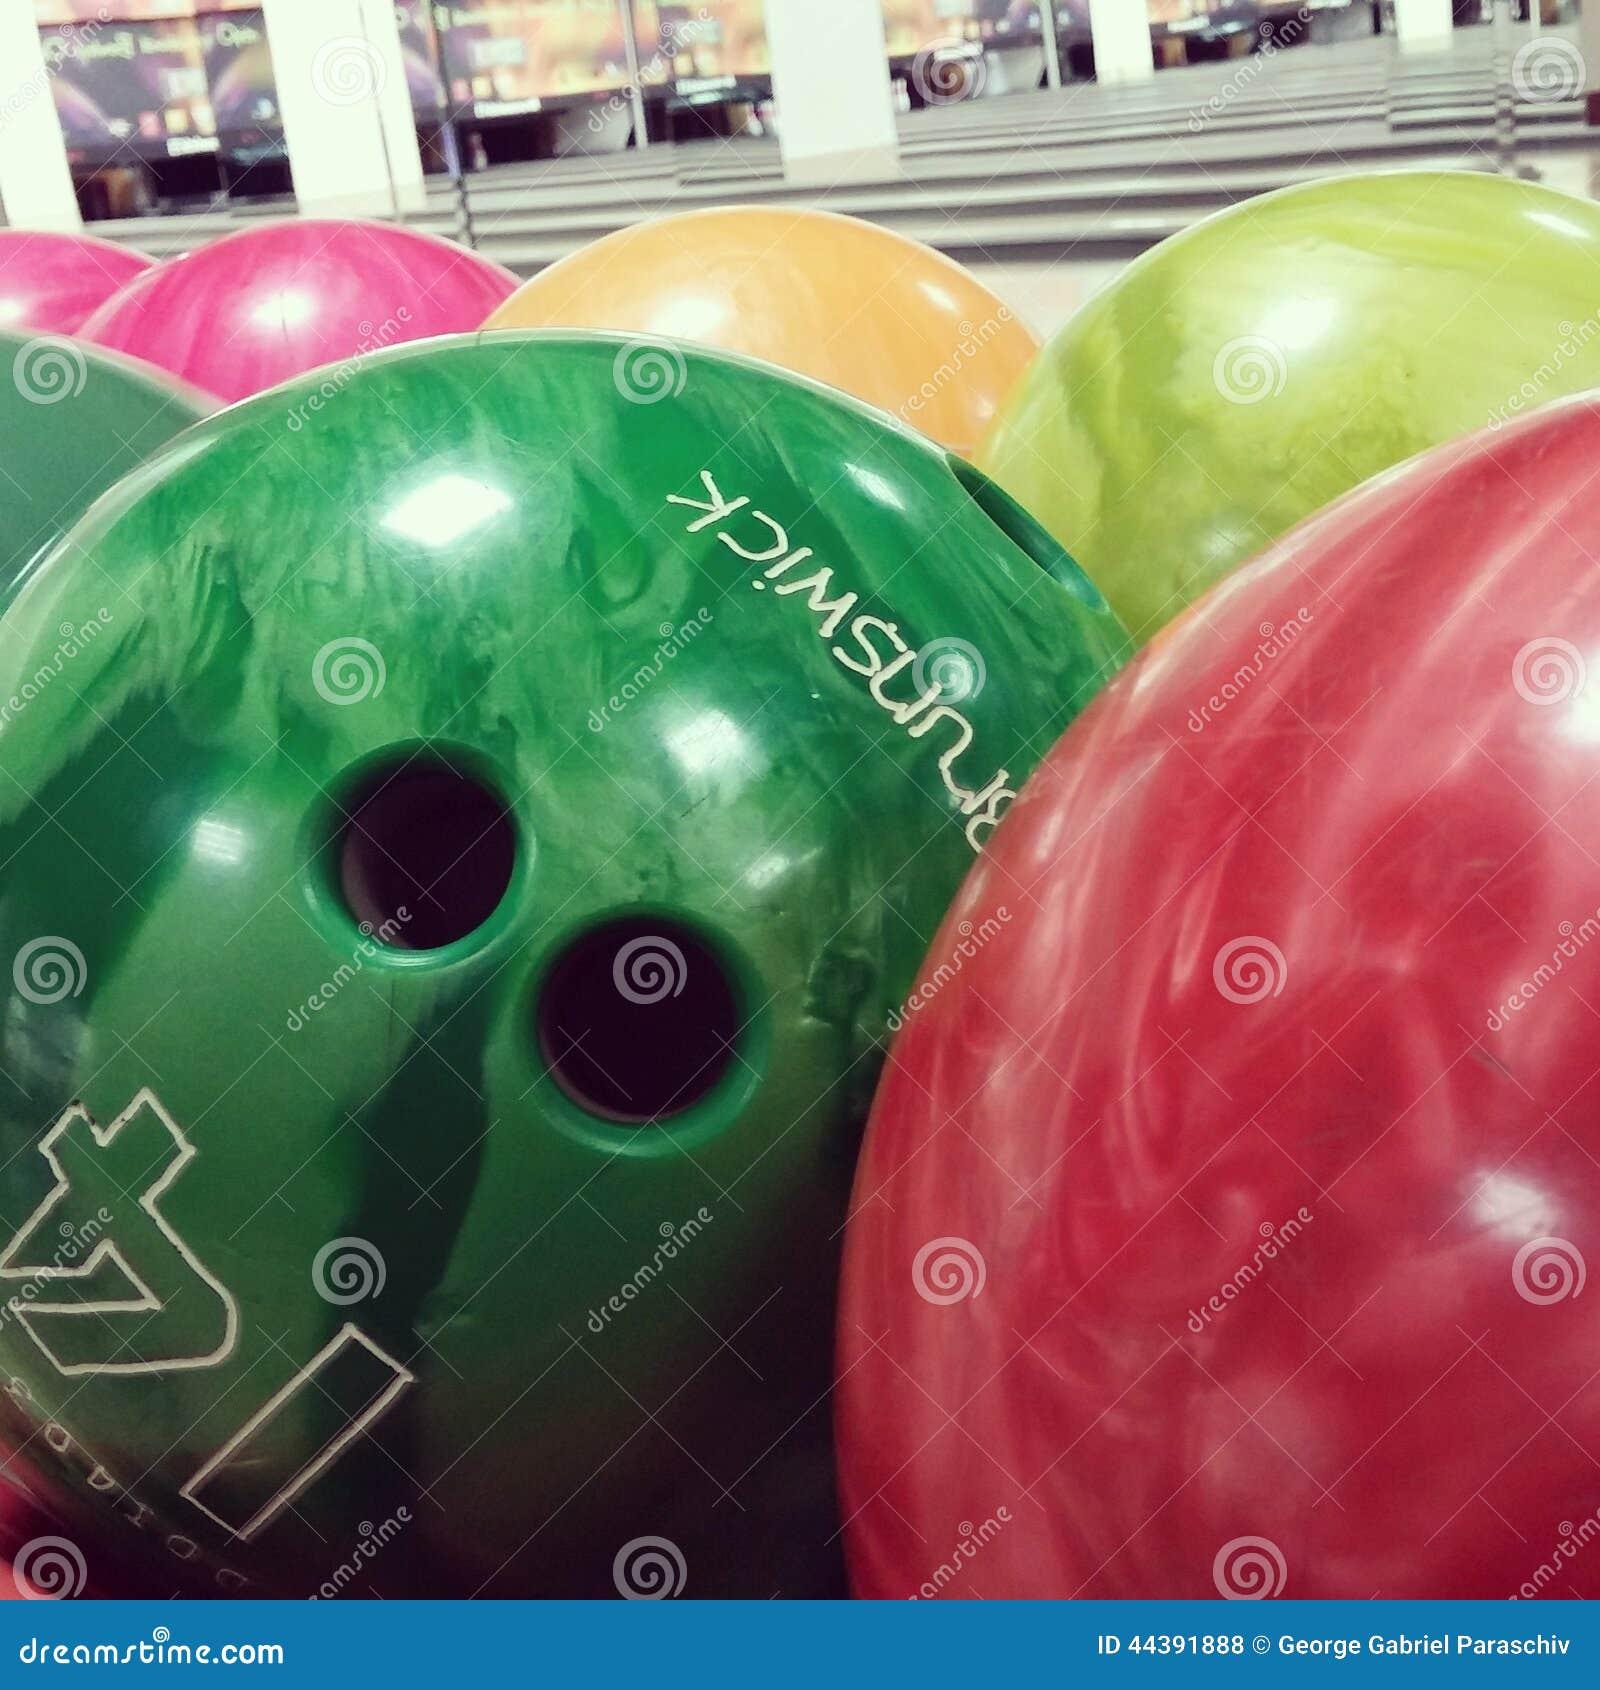 Bowlingklot - Brunswick